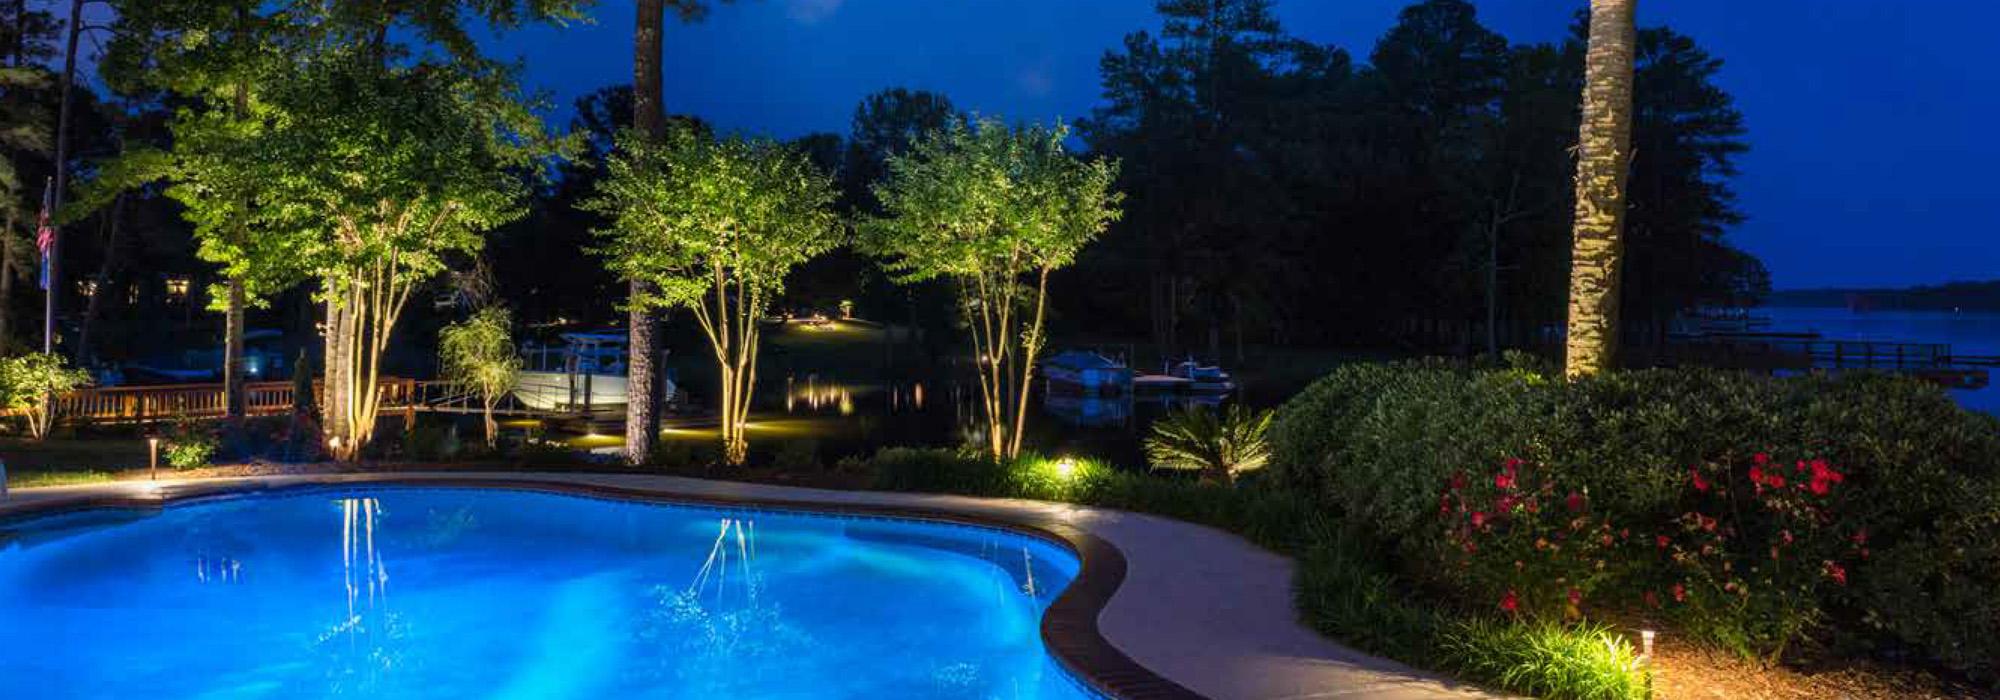 Virginia Beach Outdoor Lighting Blog | Outdoor Lighting Perspectives